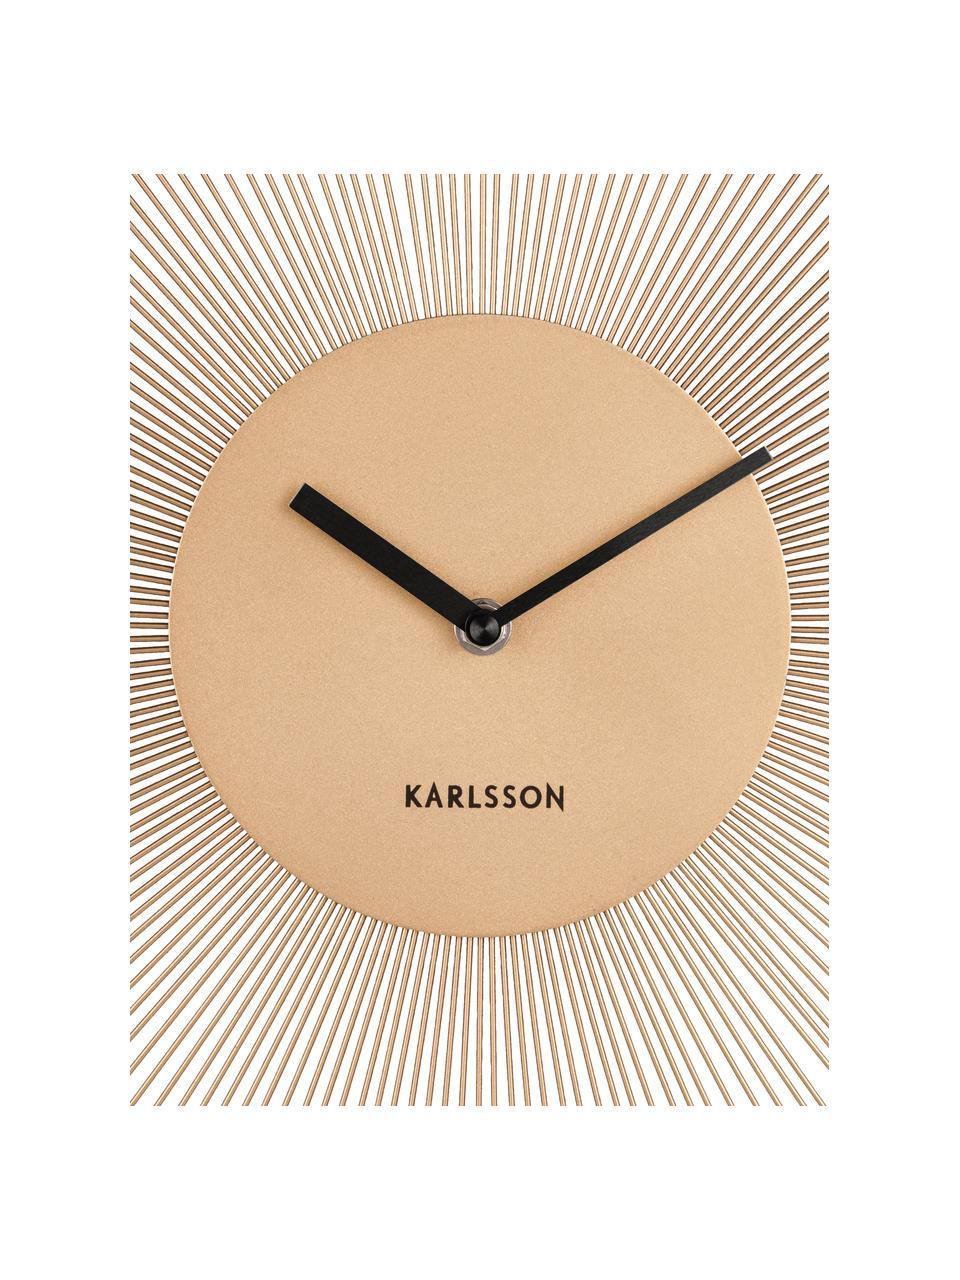 Orologio da parete Peony, Metallo rivestito, Ottonato, nero, Ø 45 cm